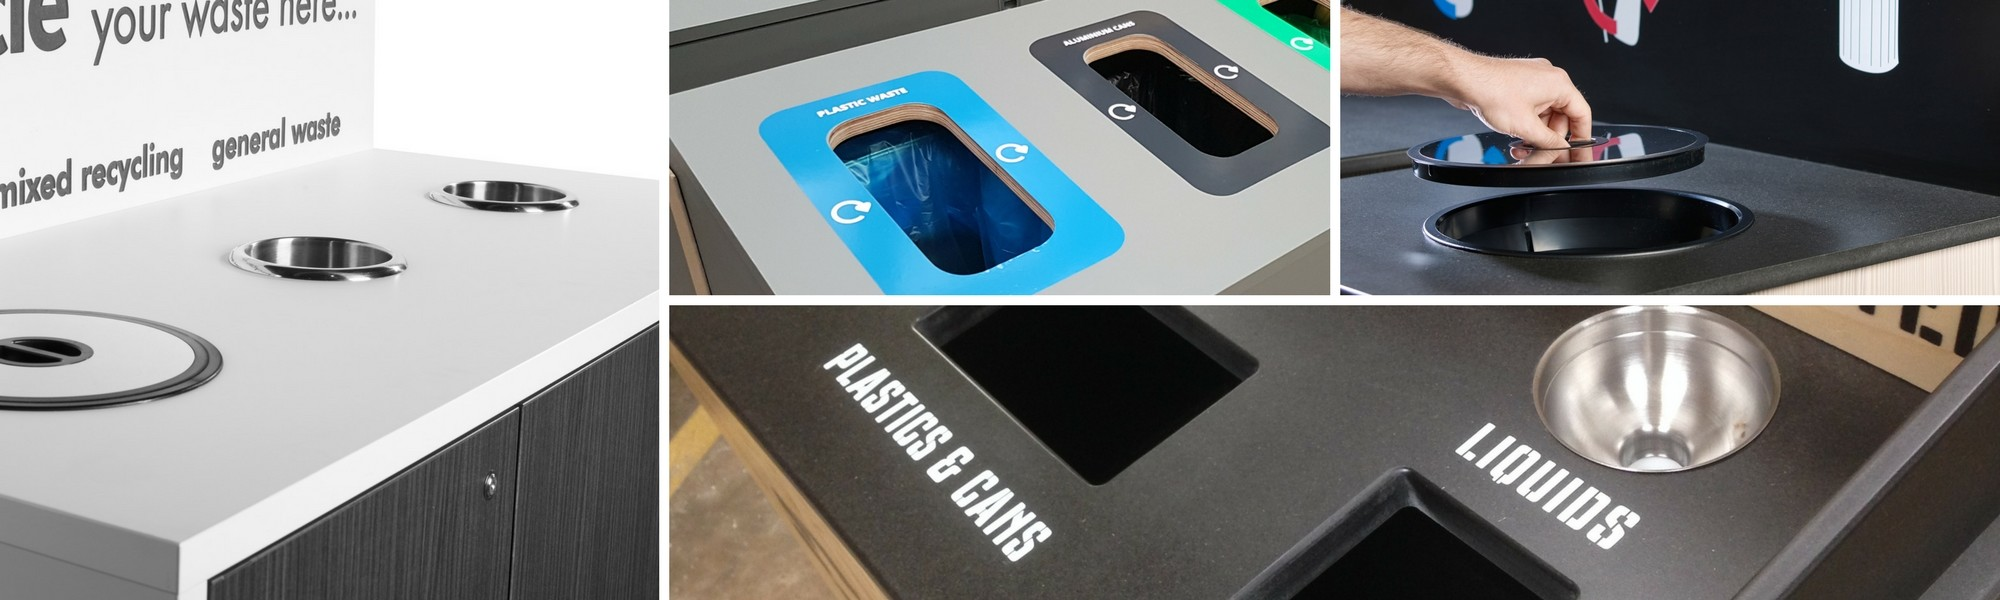 Indoor recycling bin design ideas